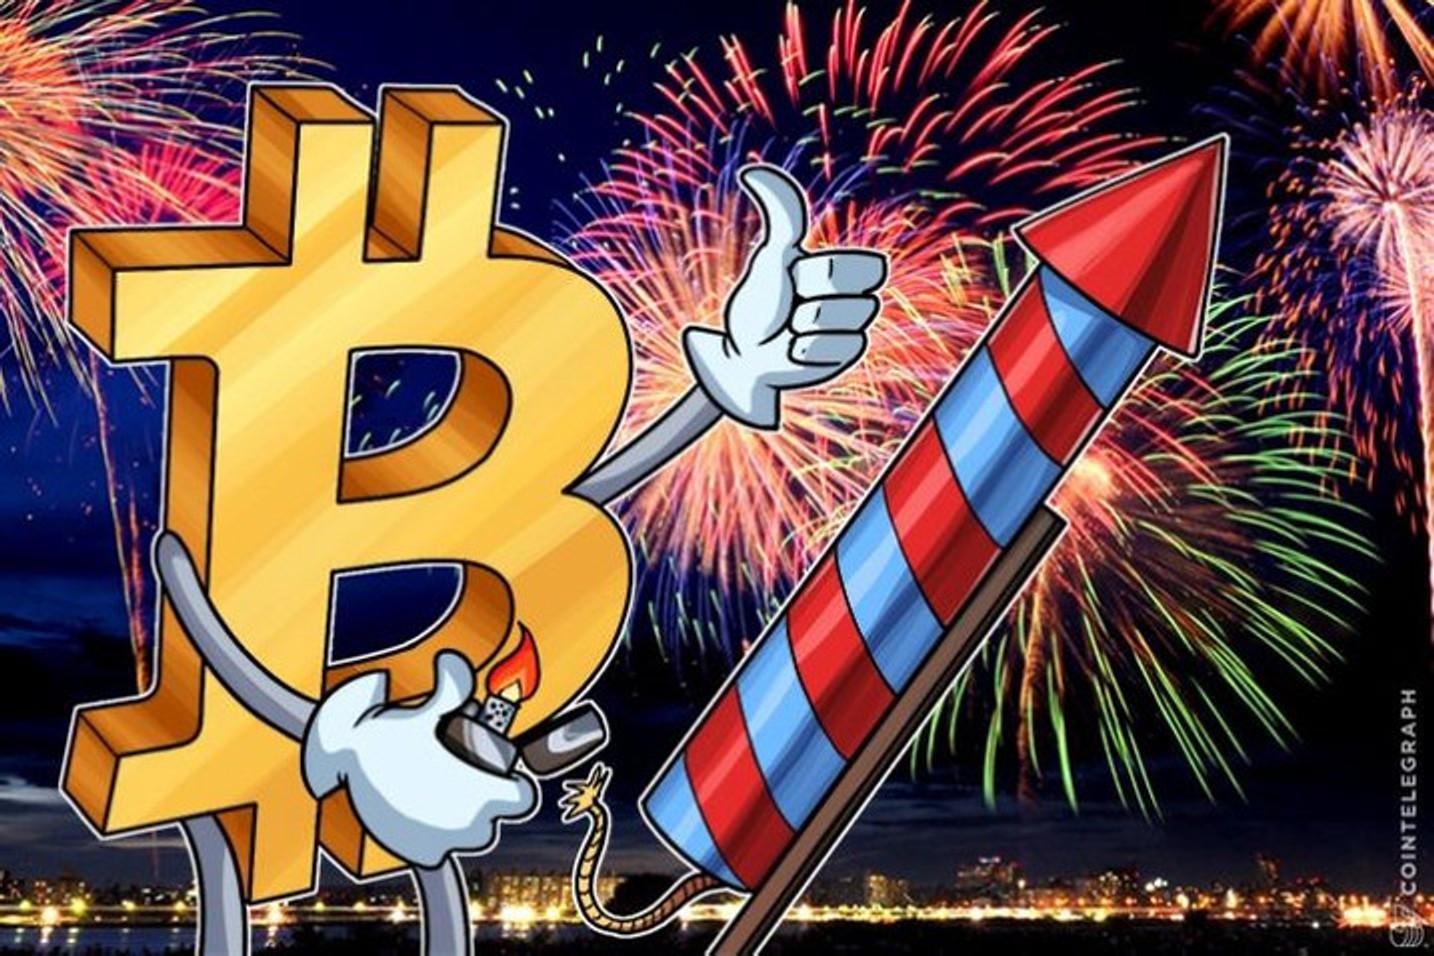 Lanzan una campaña masiva de difusión de Bitcoin en Latinoamérica